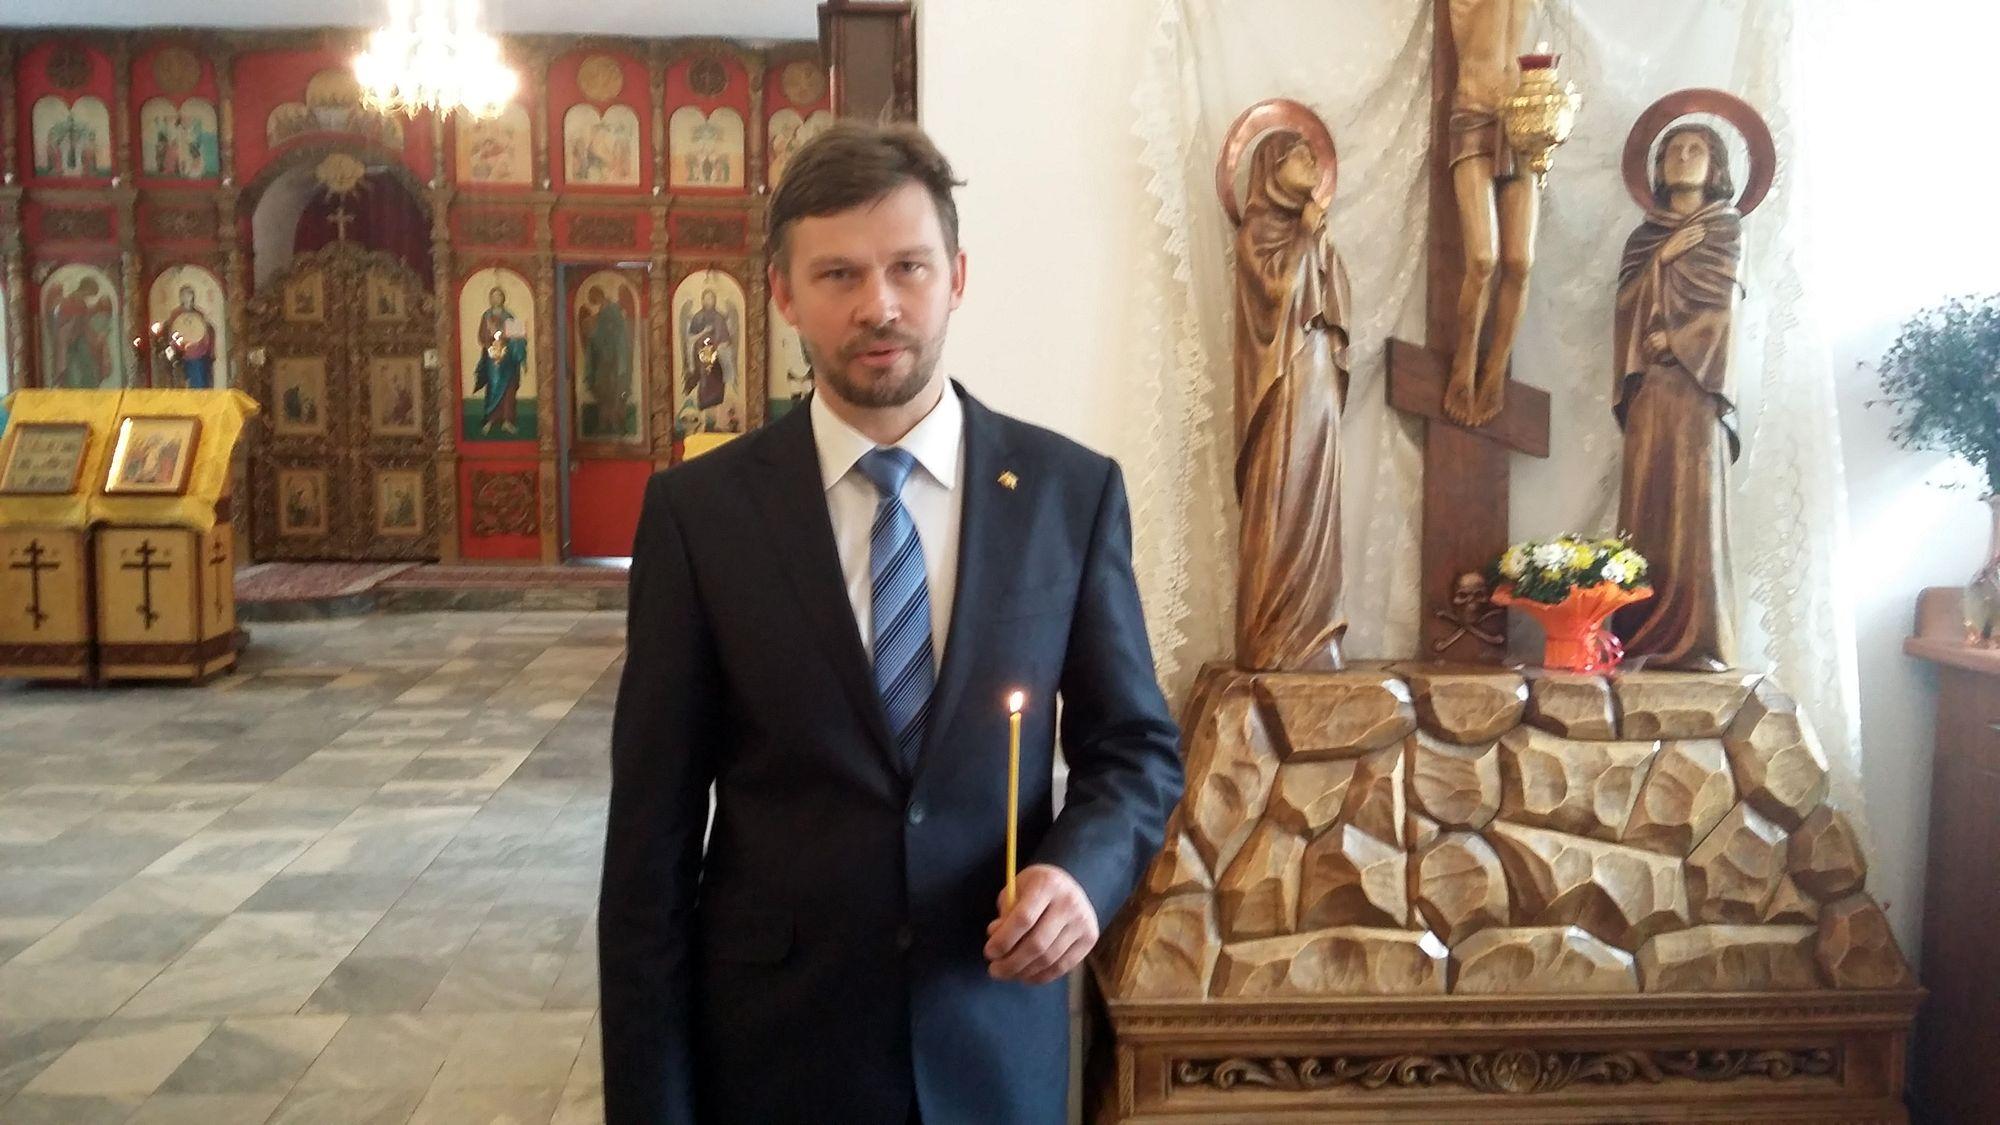 Начальникъ Россiйскаго Имперскаго Союза-Ордена Дмитрiй Алексѣевичъ Сысуевъ